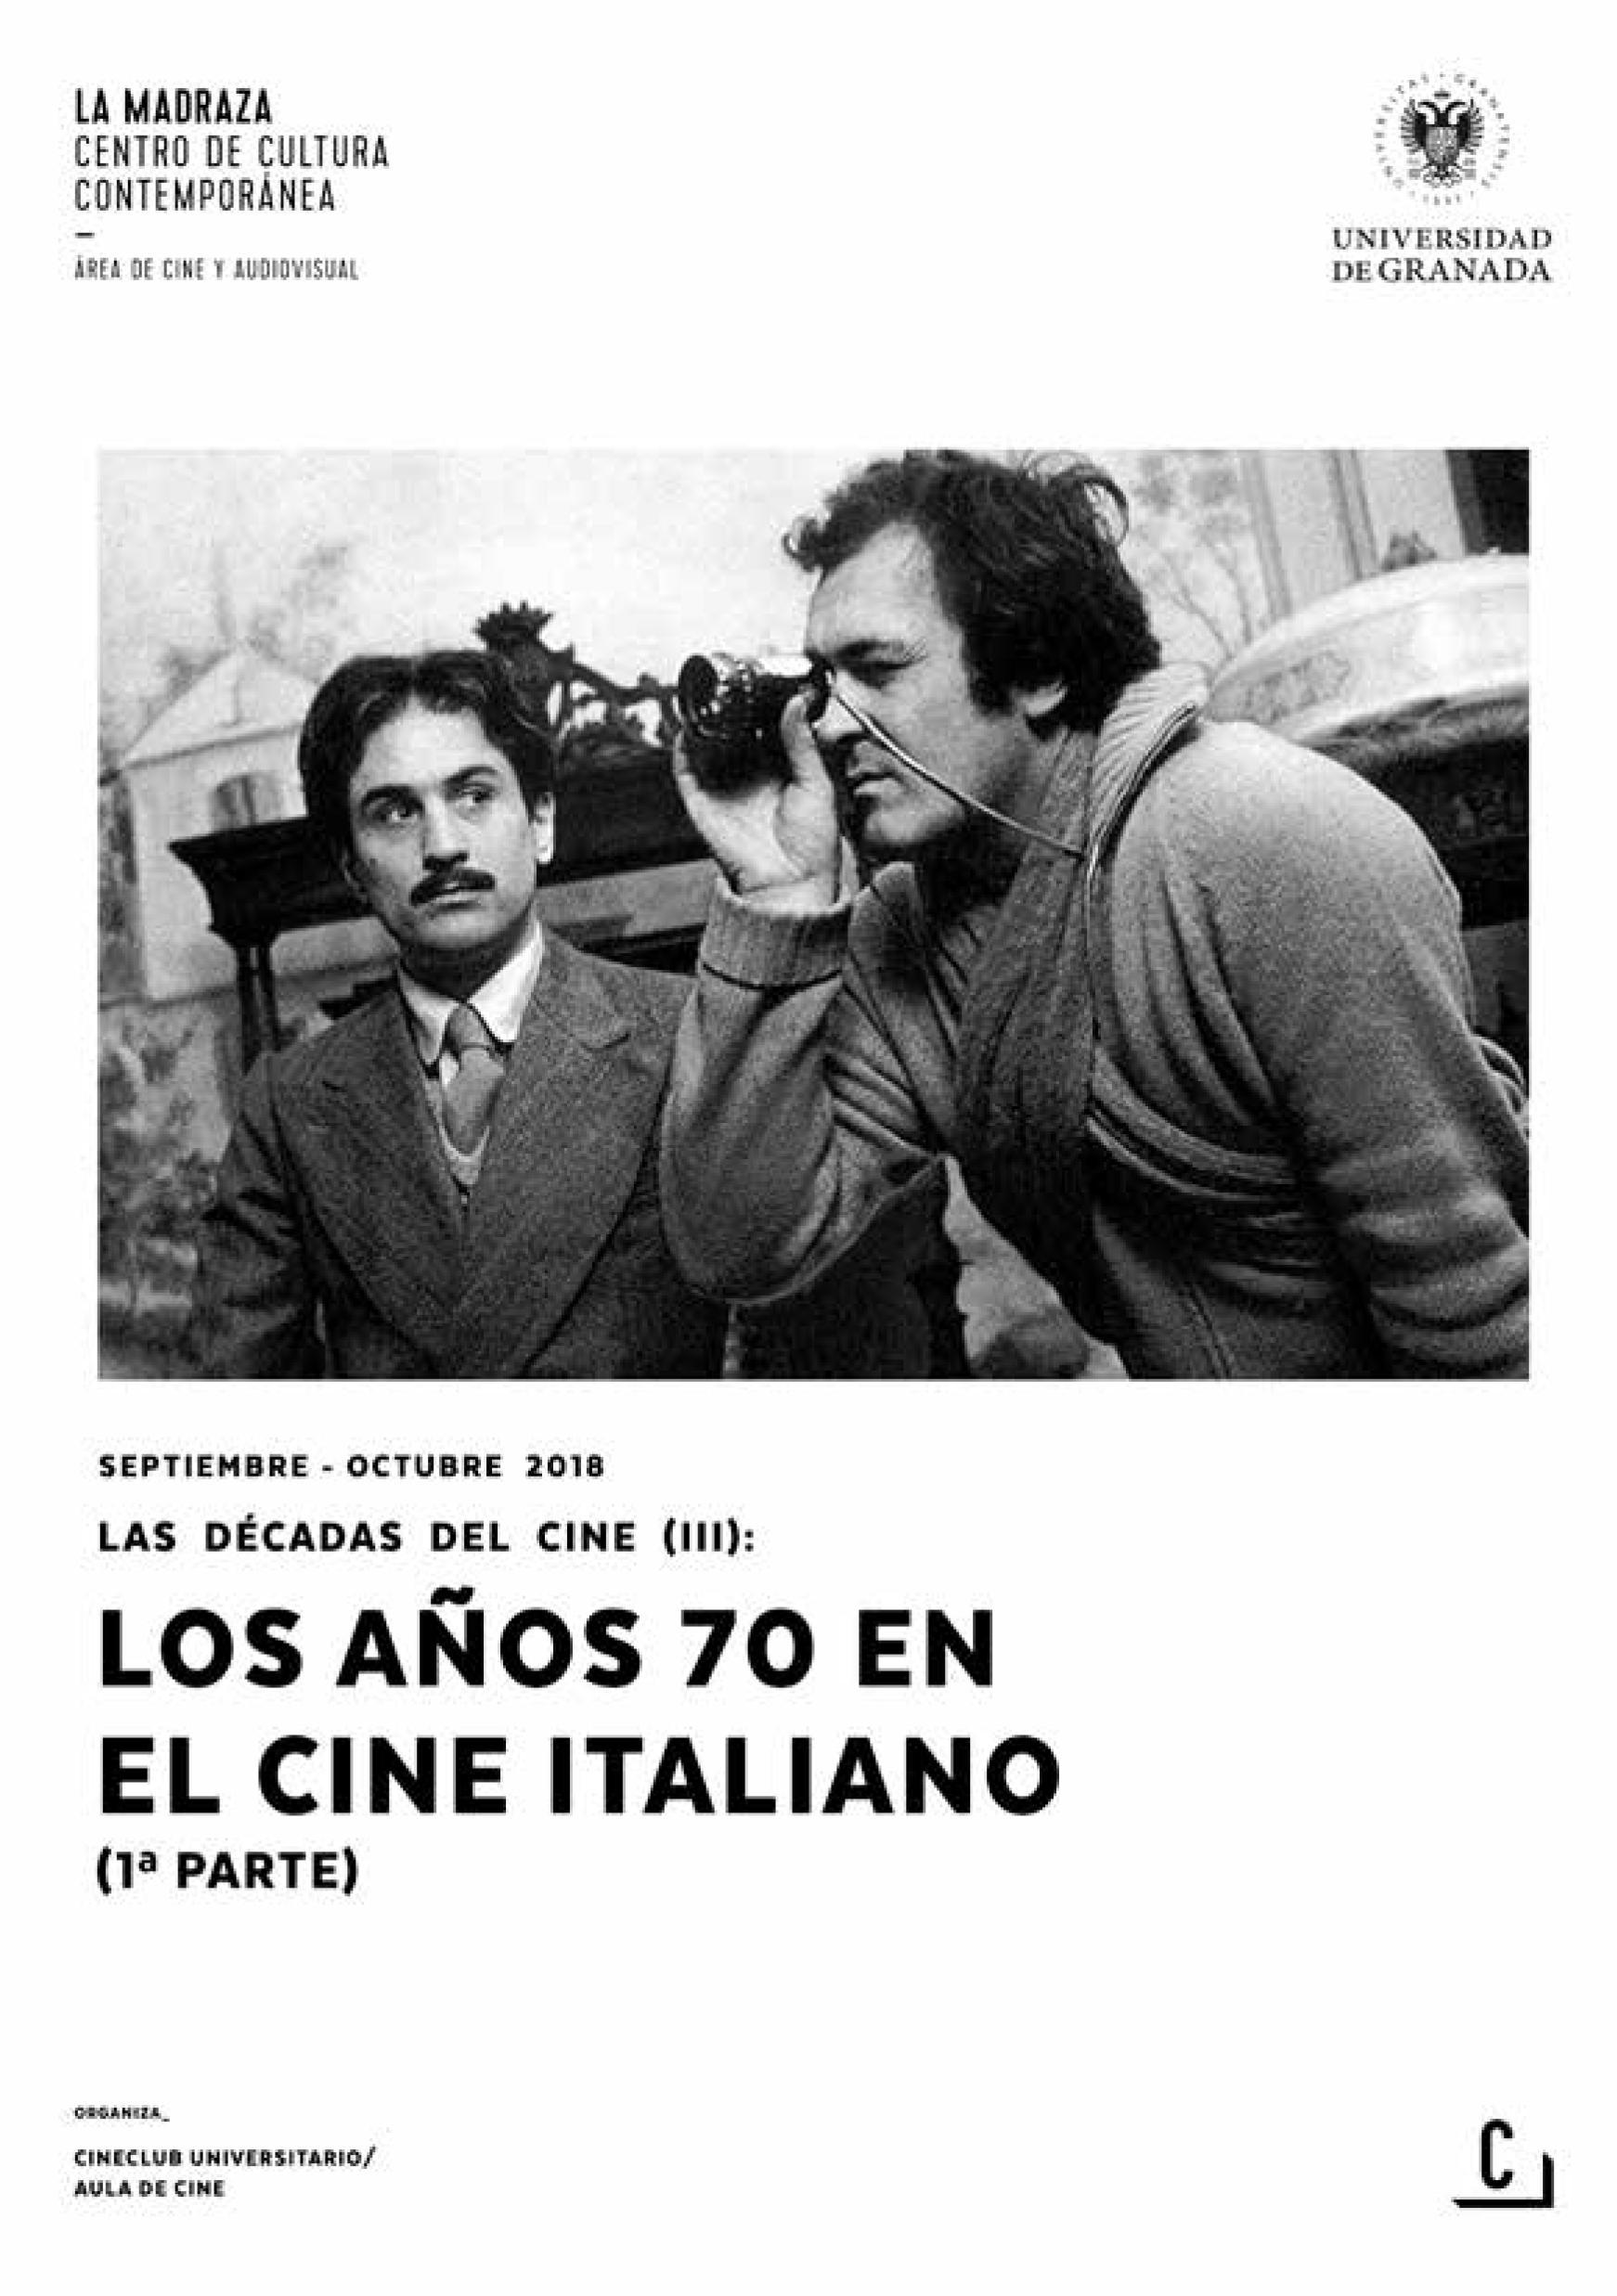 Imagen de portada de Las décadas del cine (III): los años 70 en el cine italiano (1ª parte)